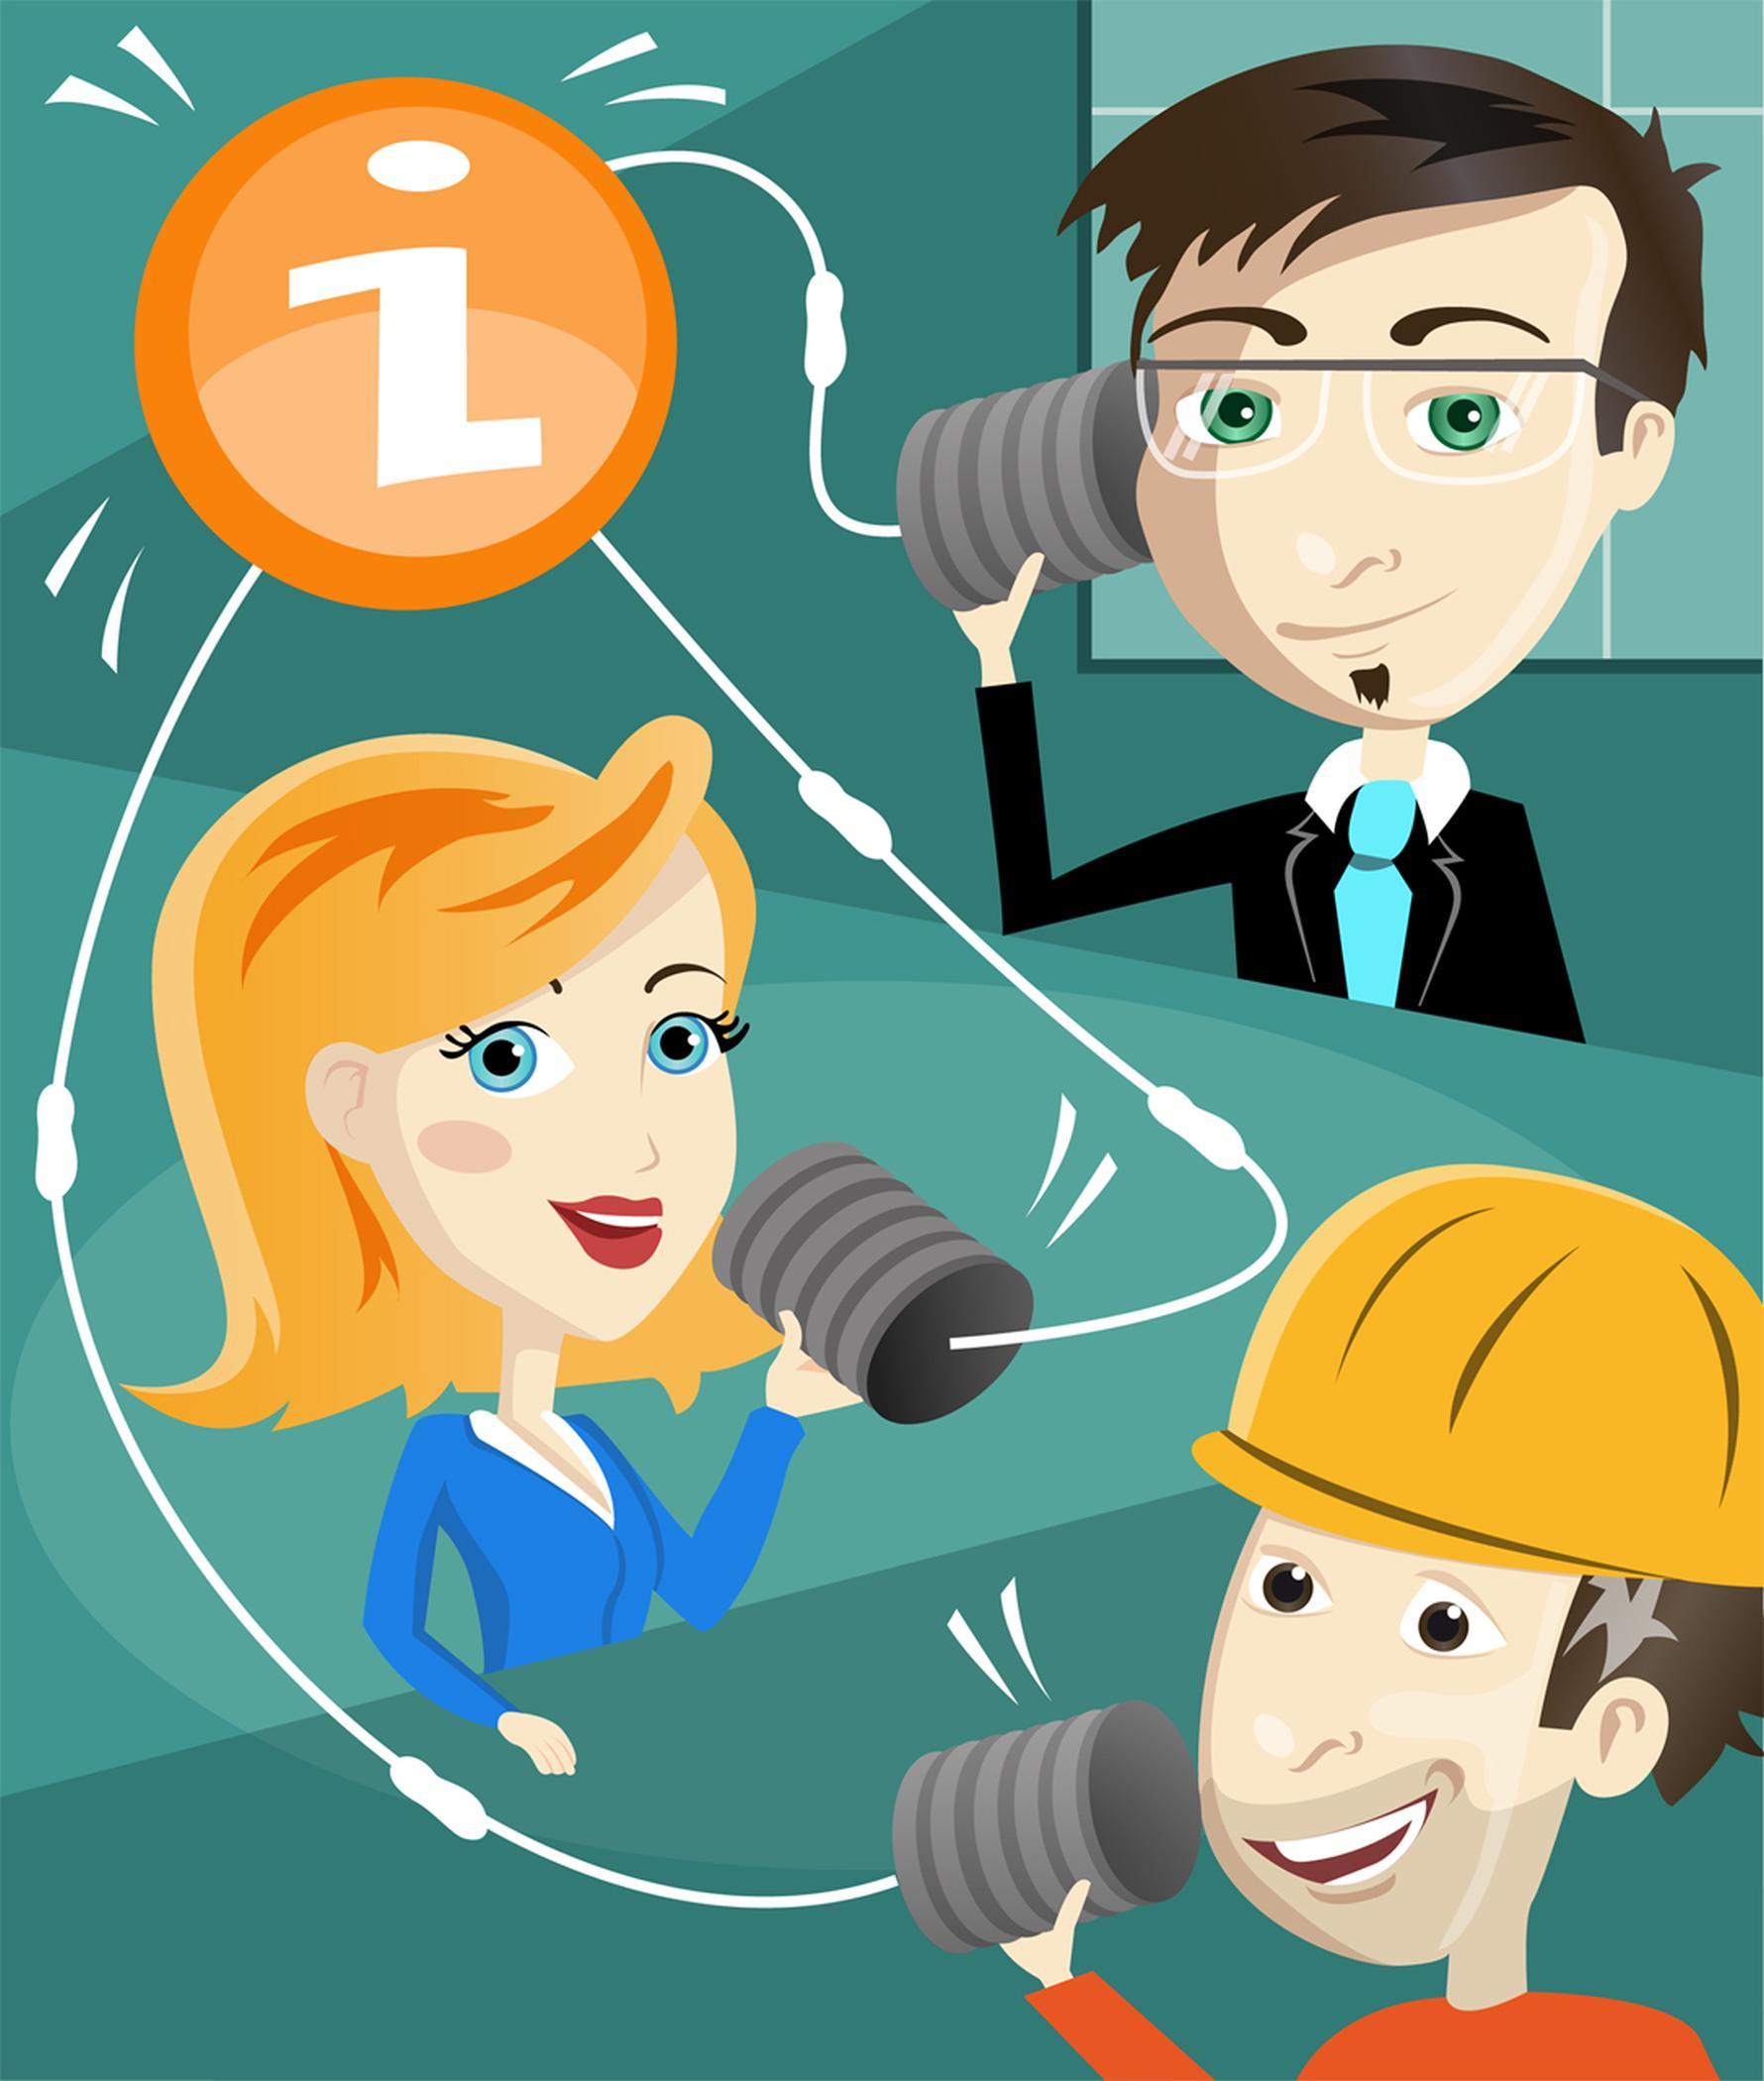 Soziale Verantwortung wird groß geschrieben: Mit CSR-Kommunikation machen Sie Ihre B2B-Kunden, potenzielle kompentente Mitarbeiter und Endkunden glücklich.